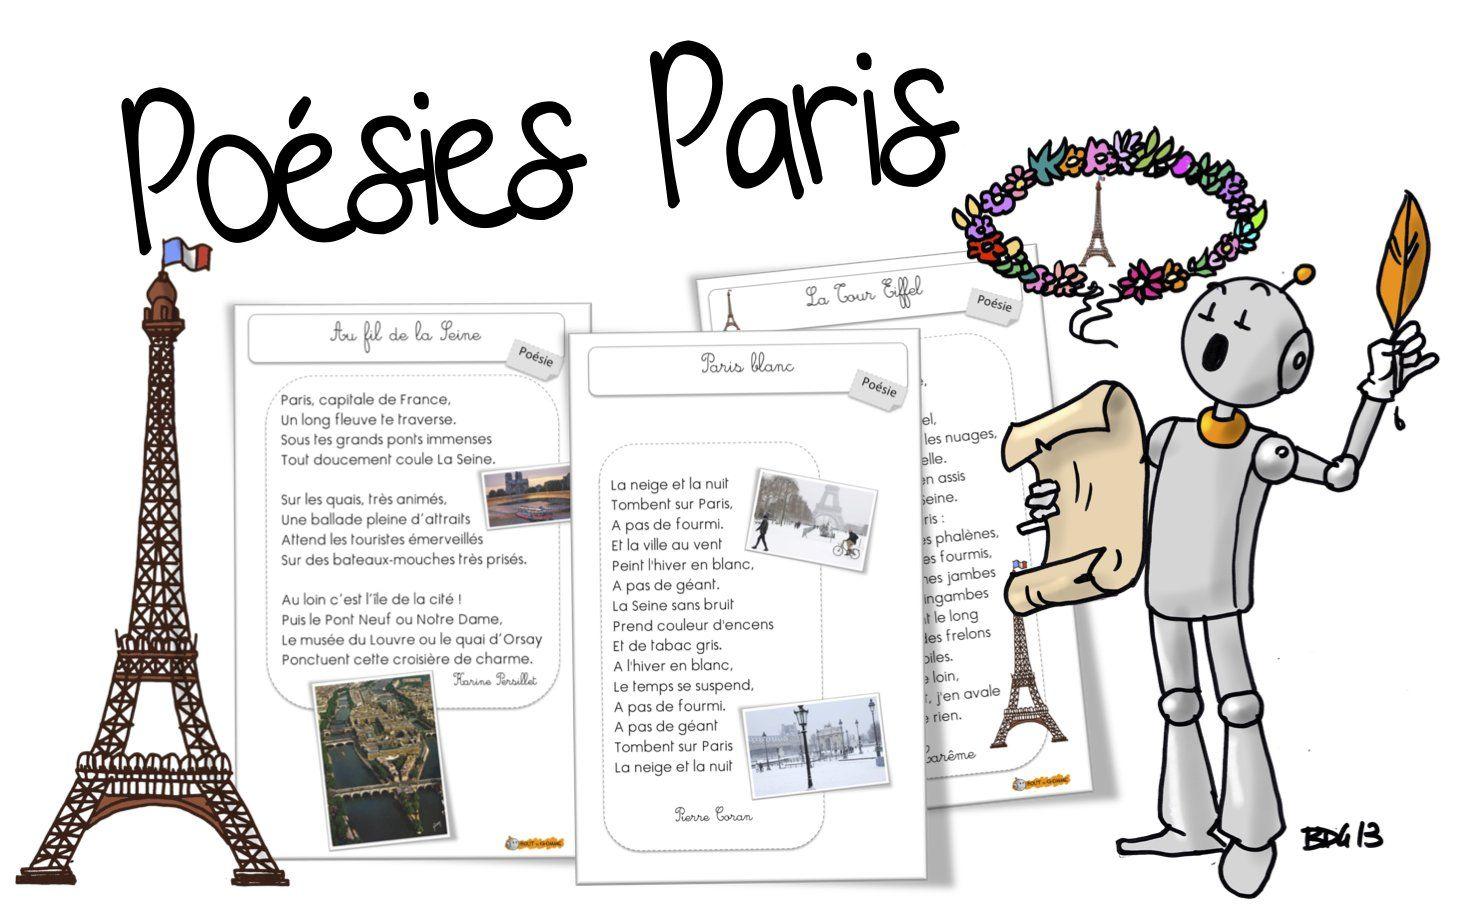 Poésies Paris Europe Ecole Paris Poesie Ecole Et